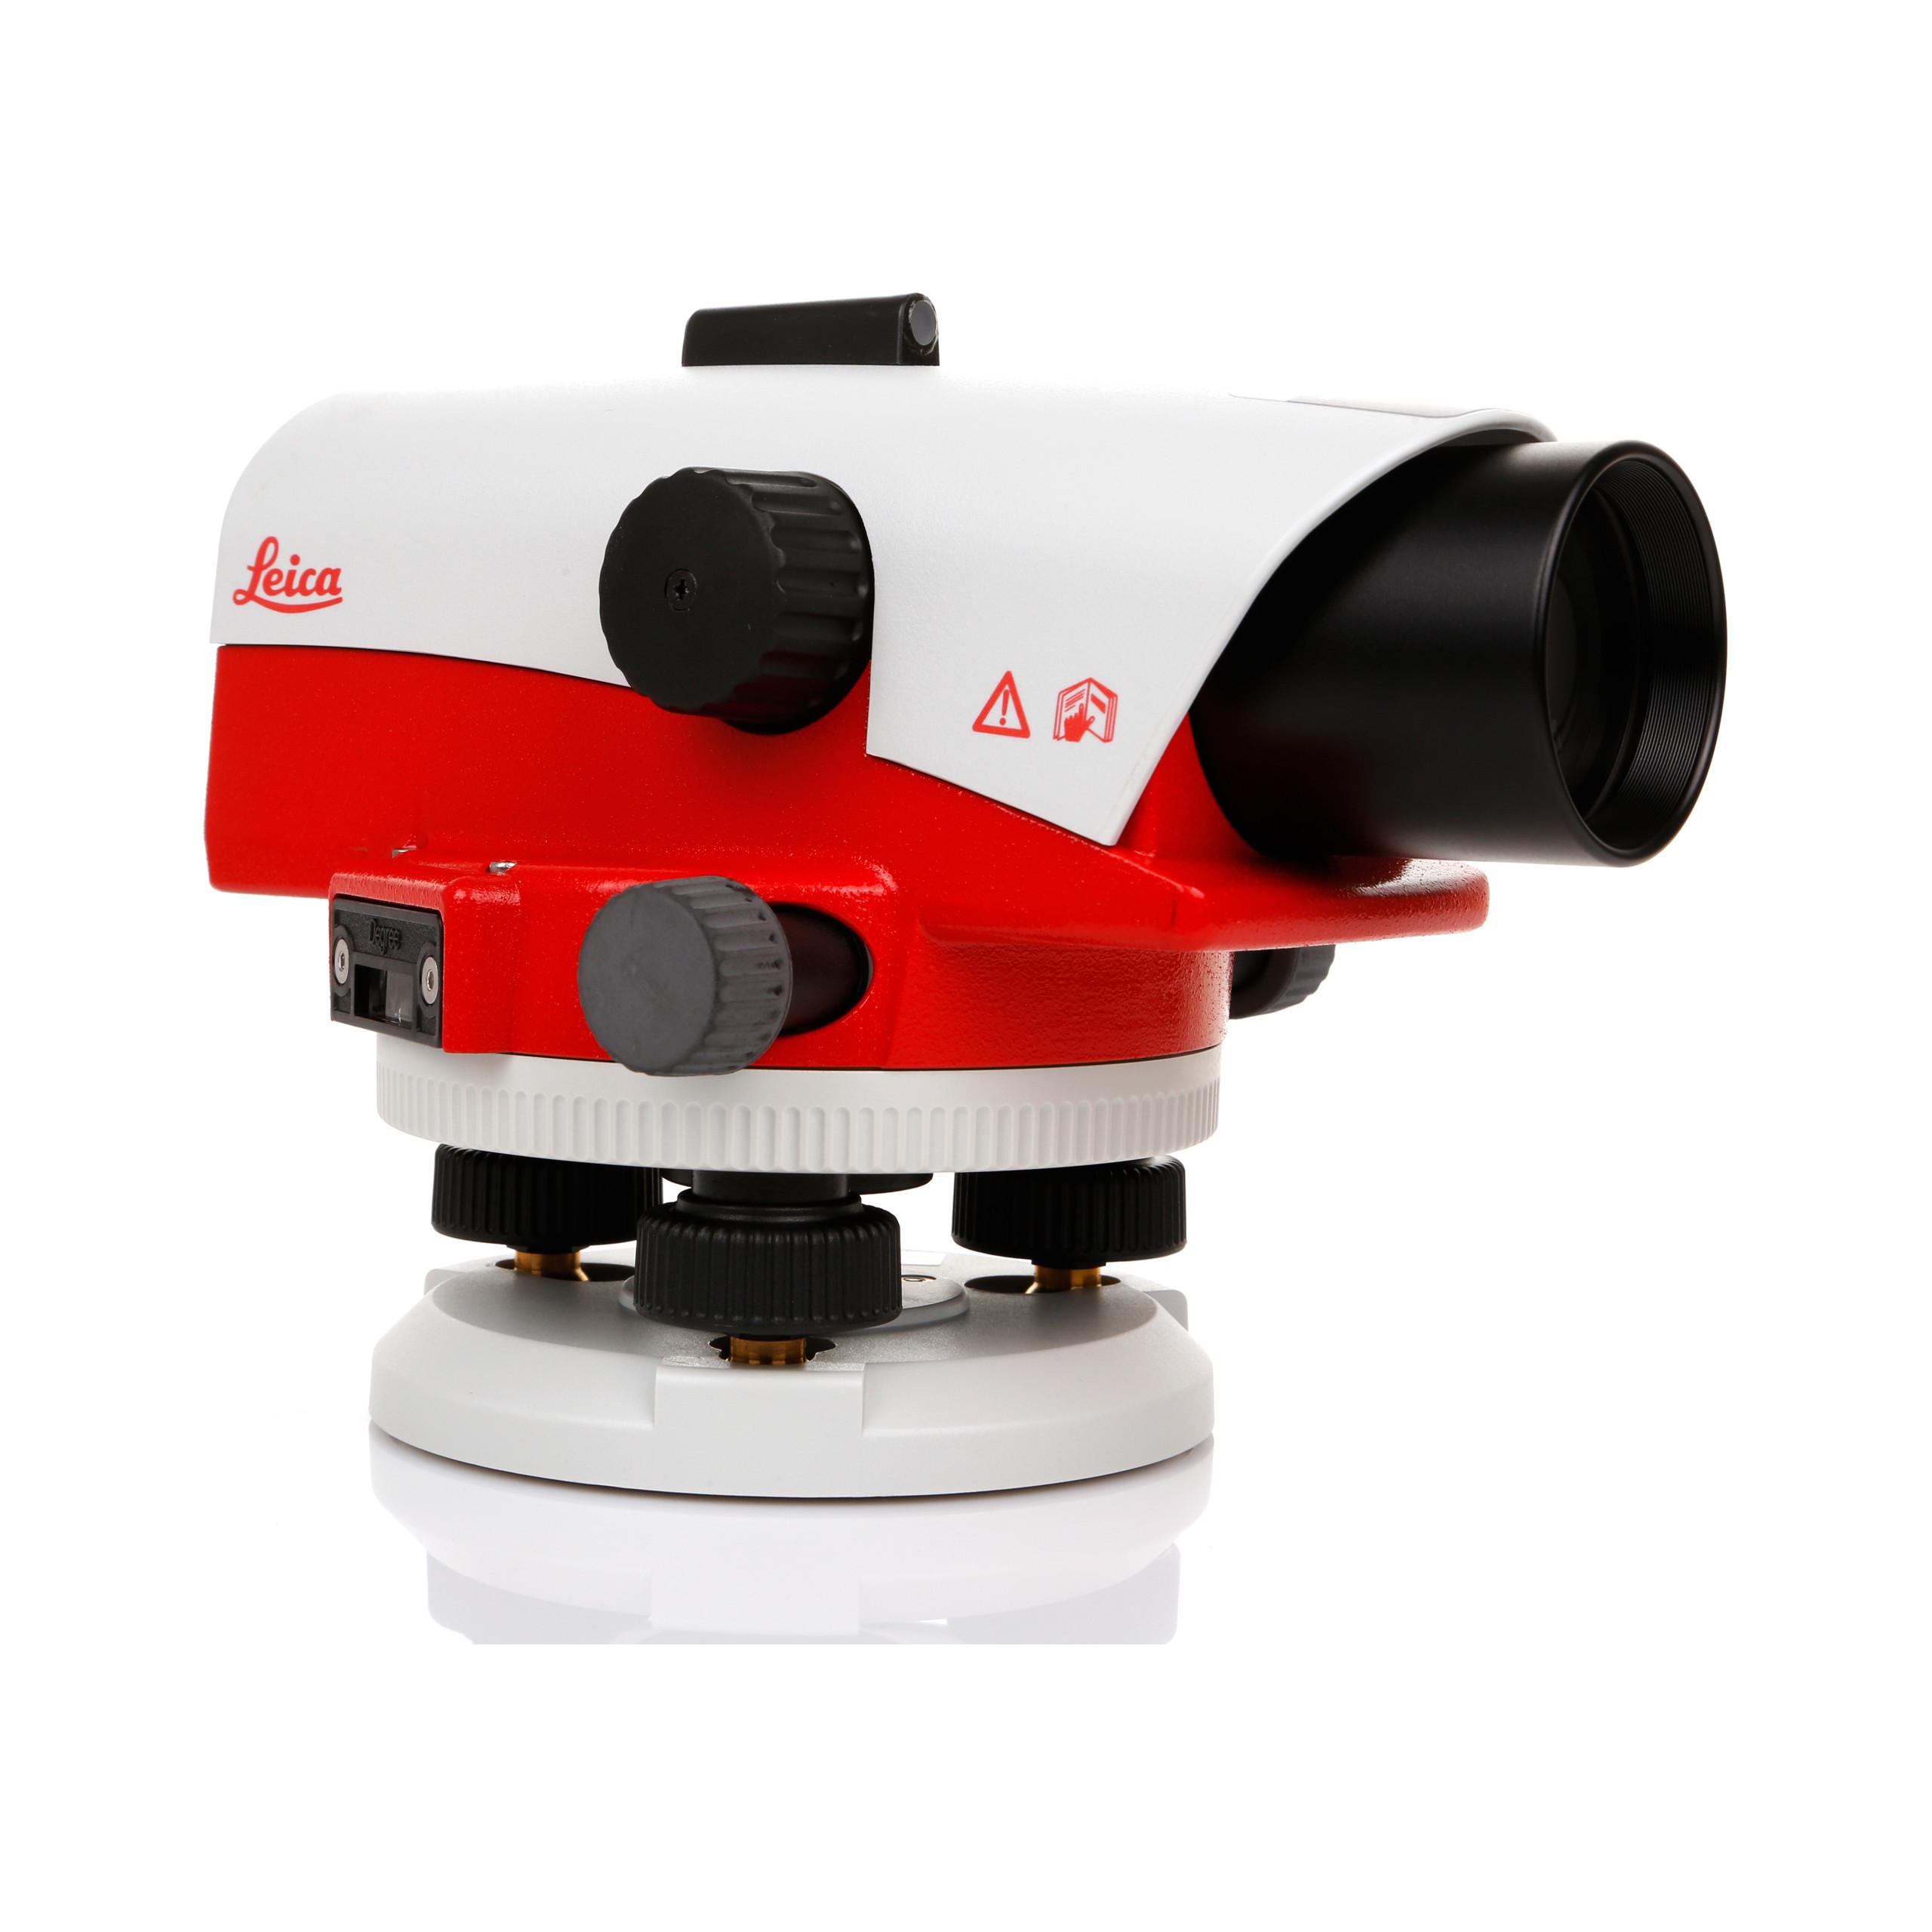 Leica optické vyrovnanie pri 730 pevných a odolných voči